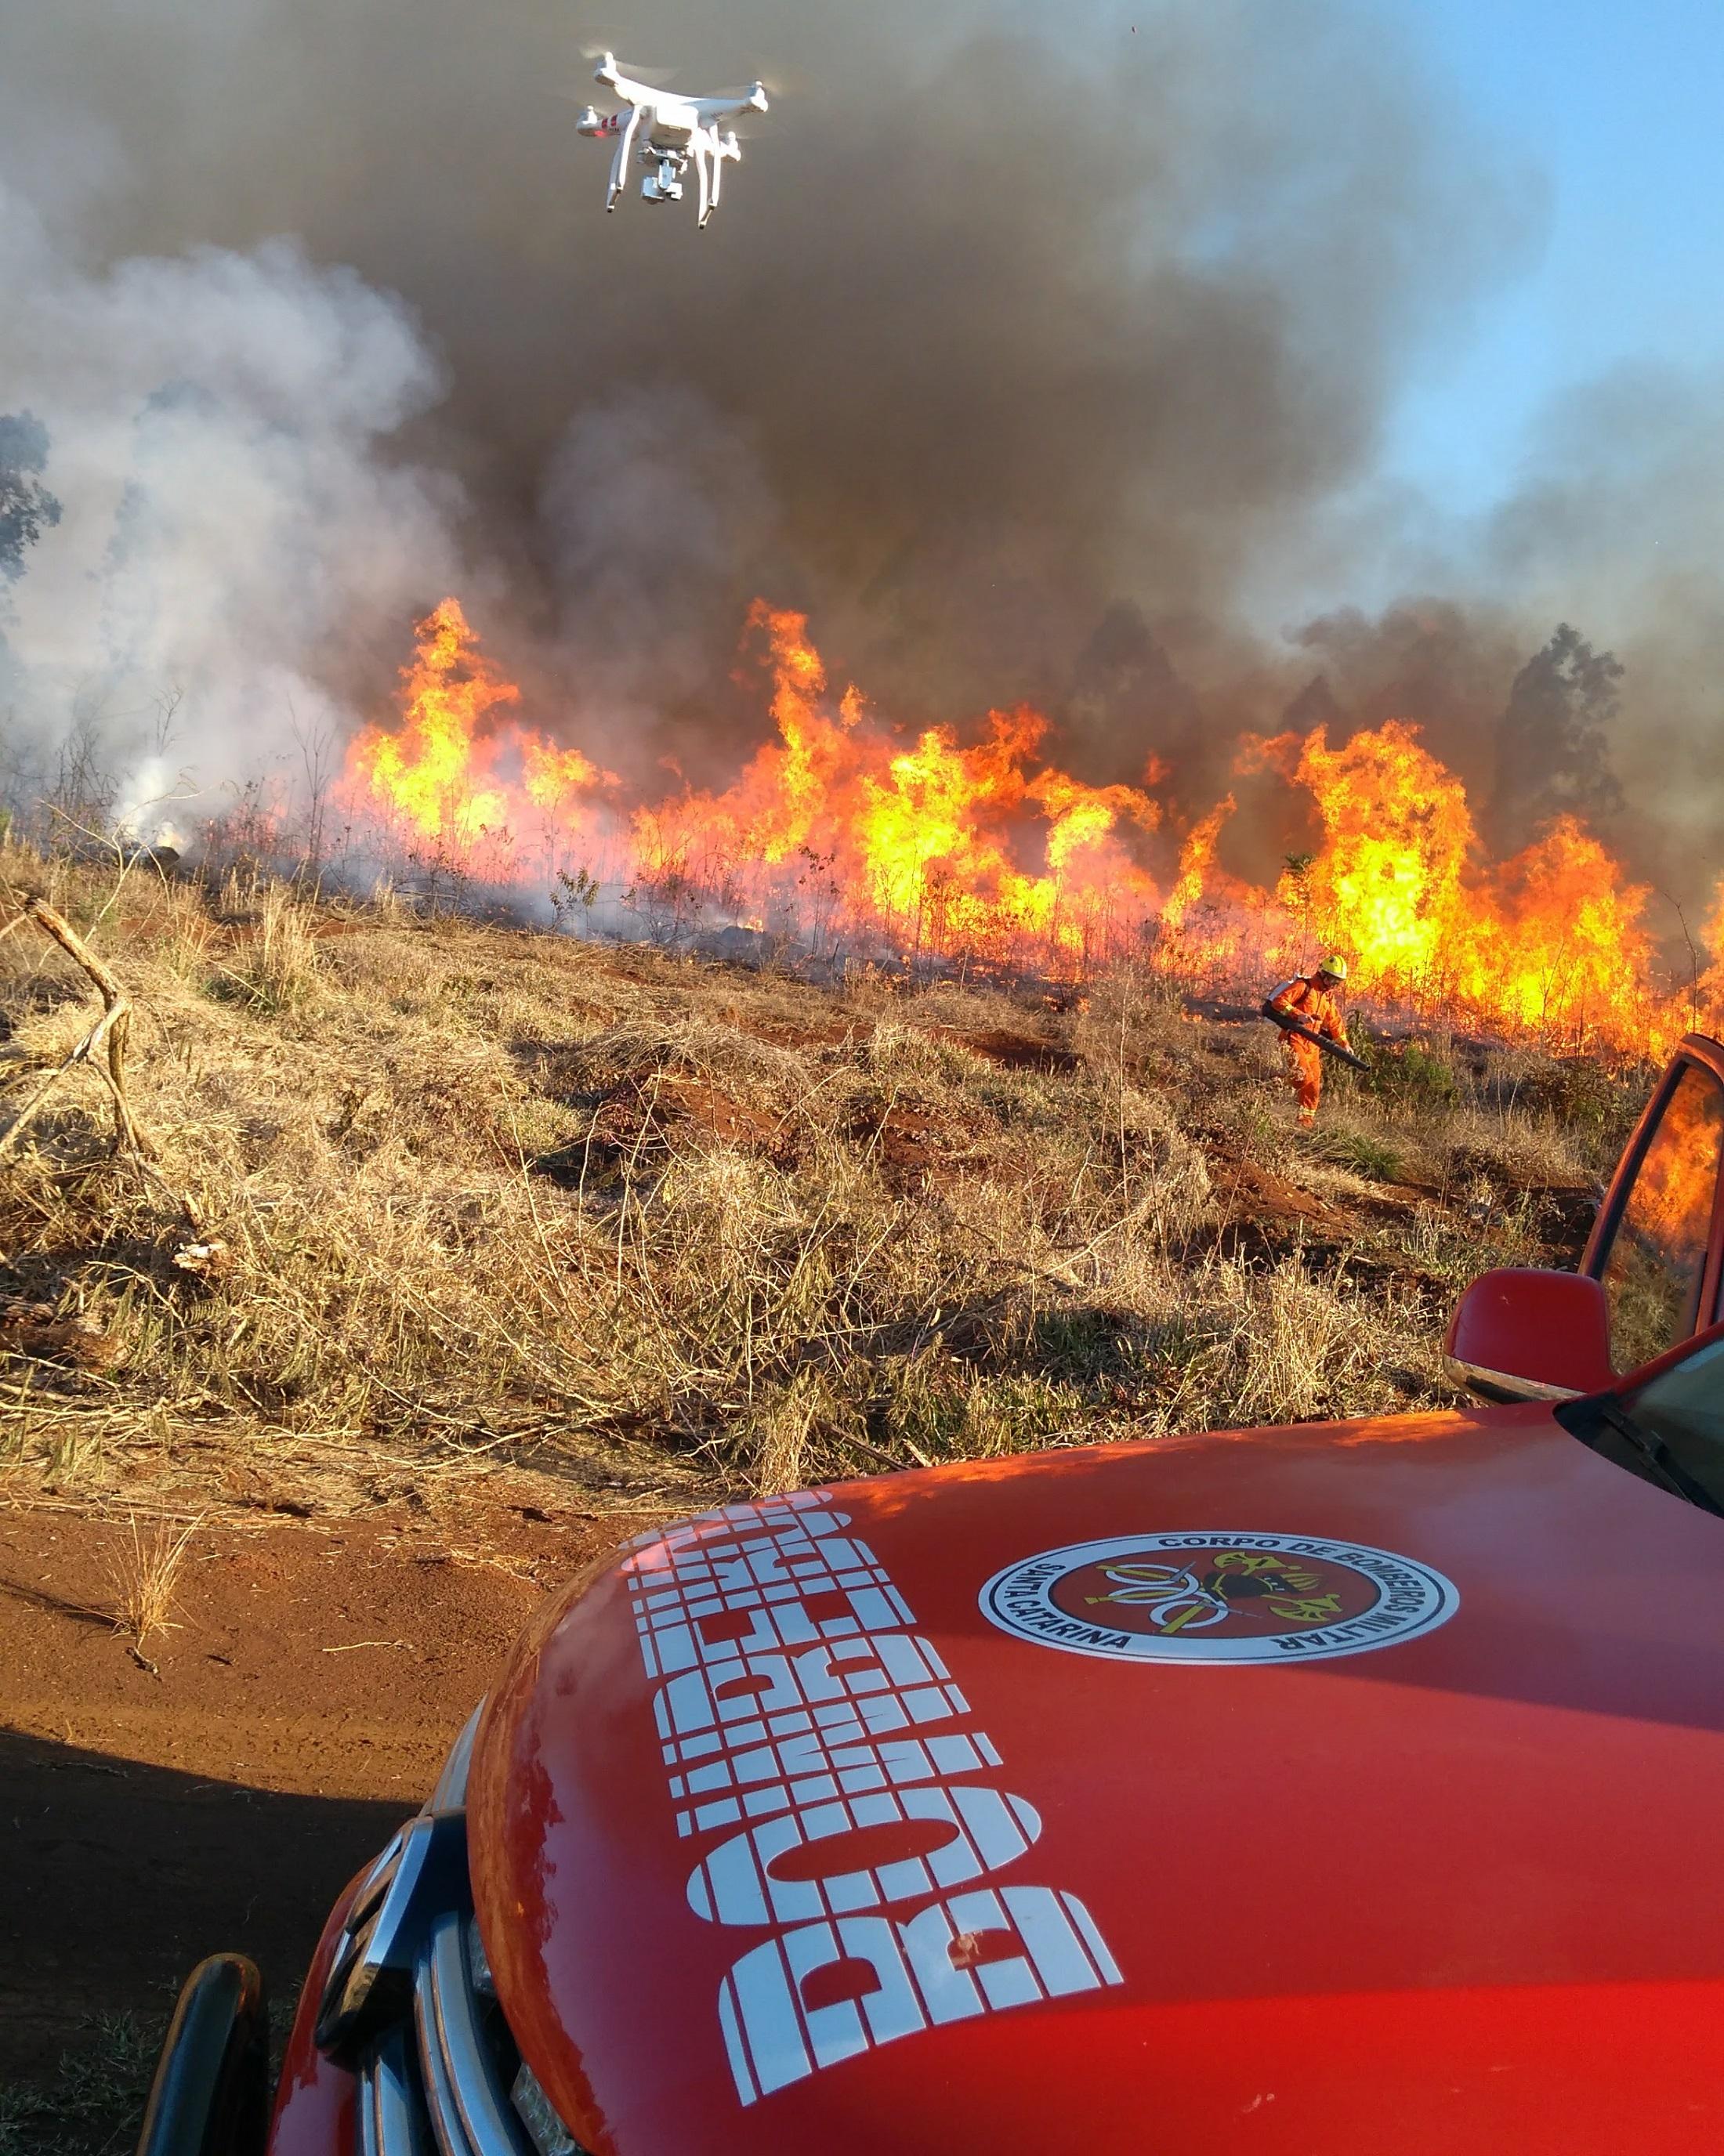 5bef0c8f4c -bombeiros-em-alerta-para-risco-de-incndios-em-vegetao-35735-7.jpg ...